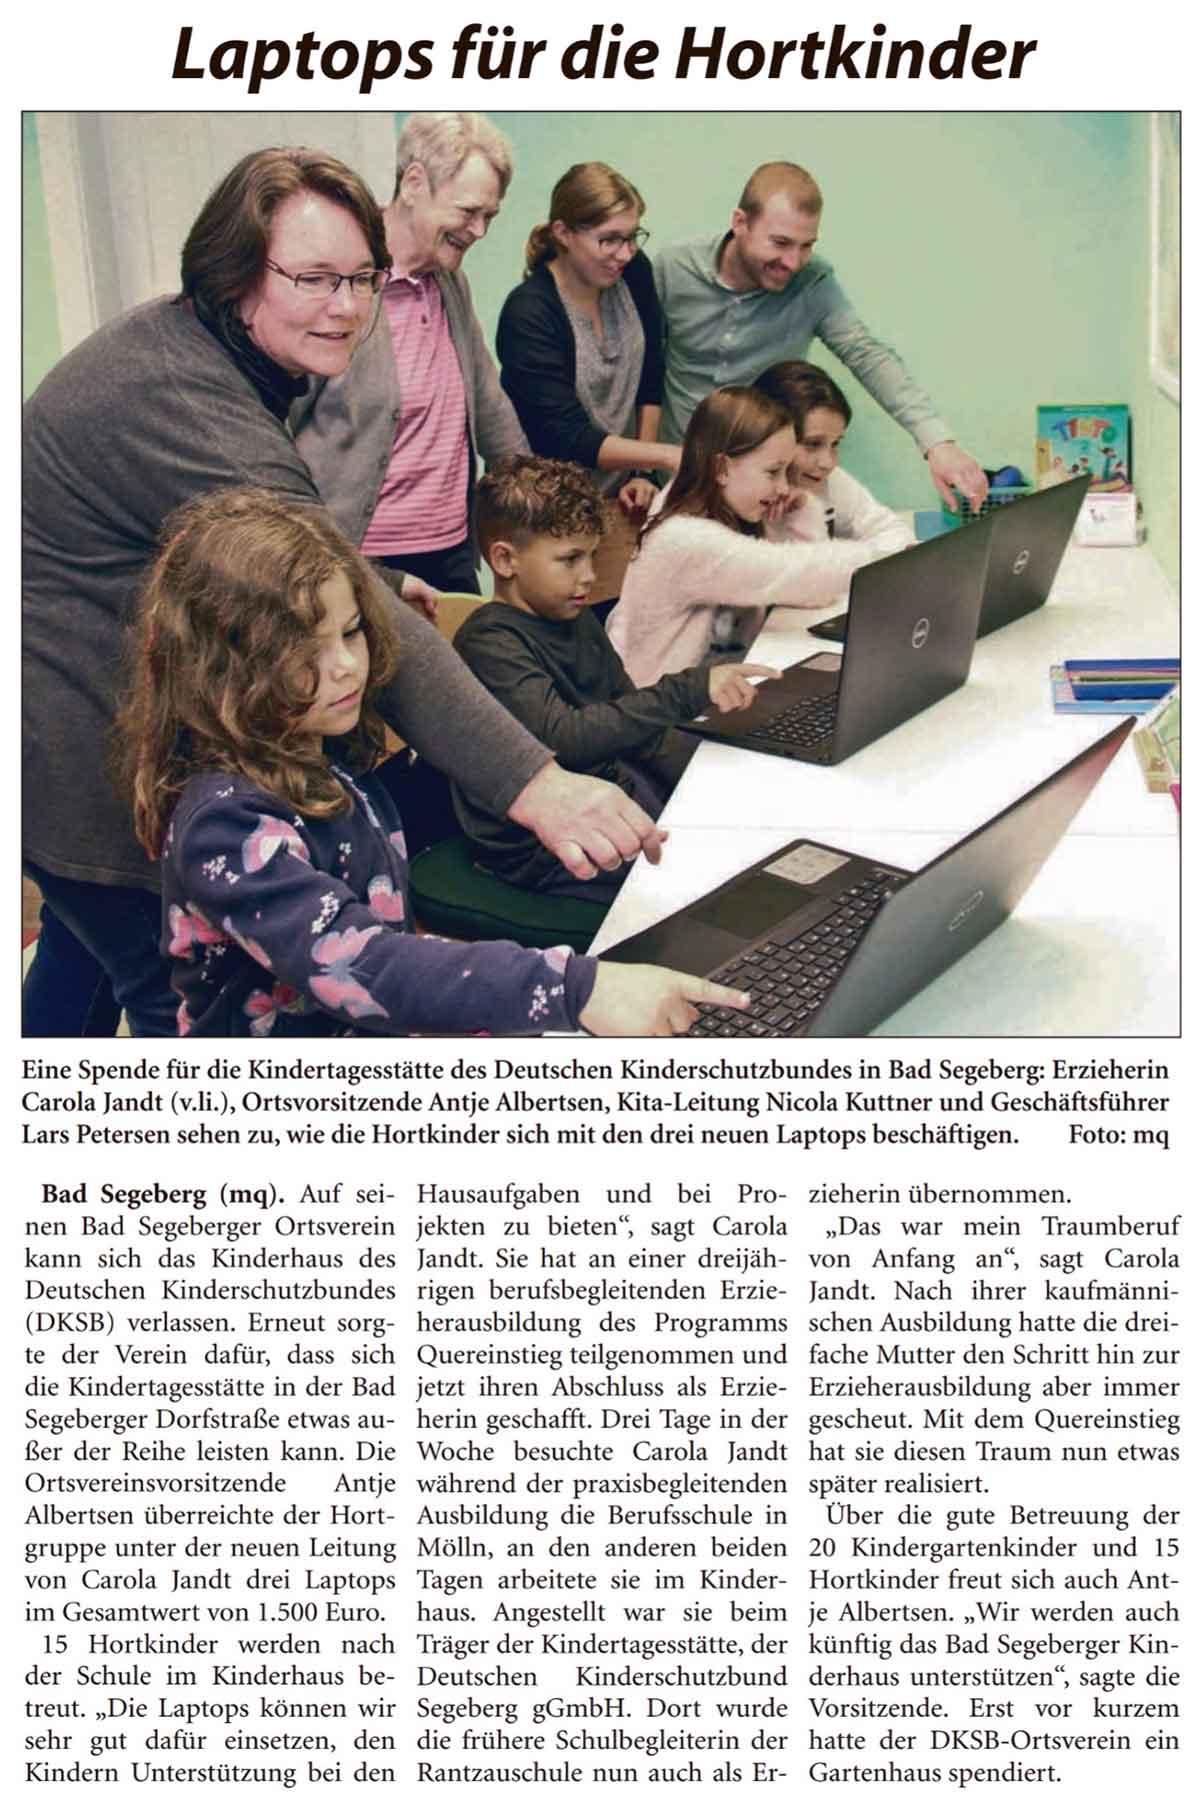 Laptops für die Hortkinder